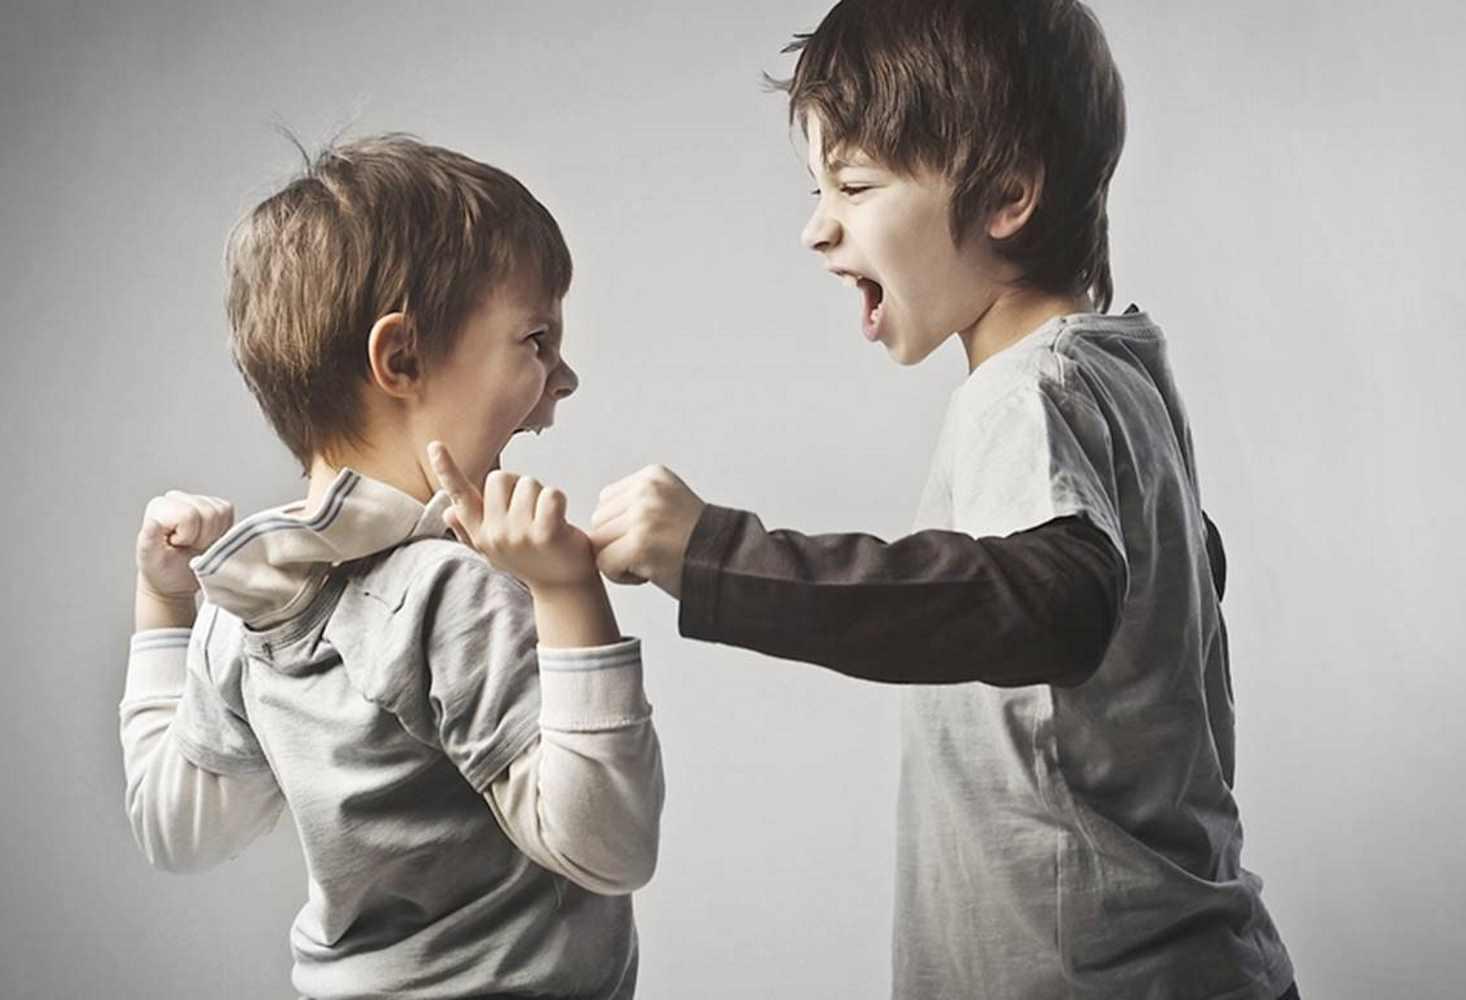 vtsiom-rossiyane-vinyat-v-zhestokosti-detej-semi-i-roditelej